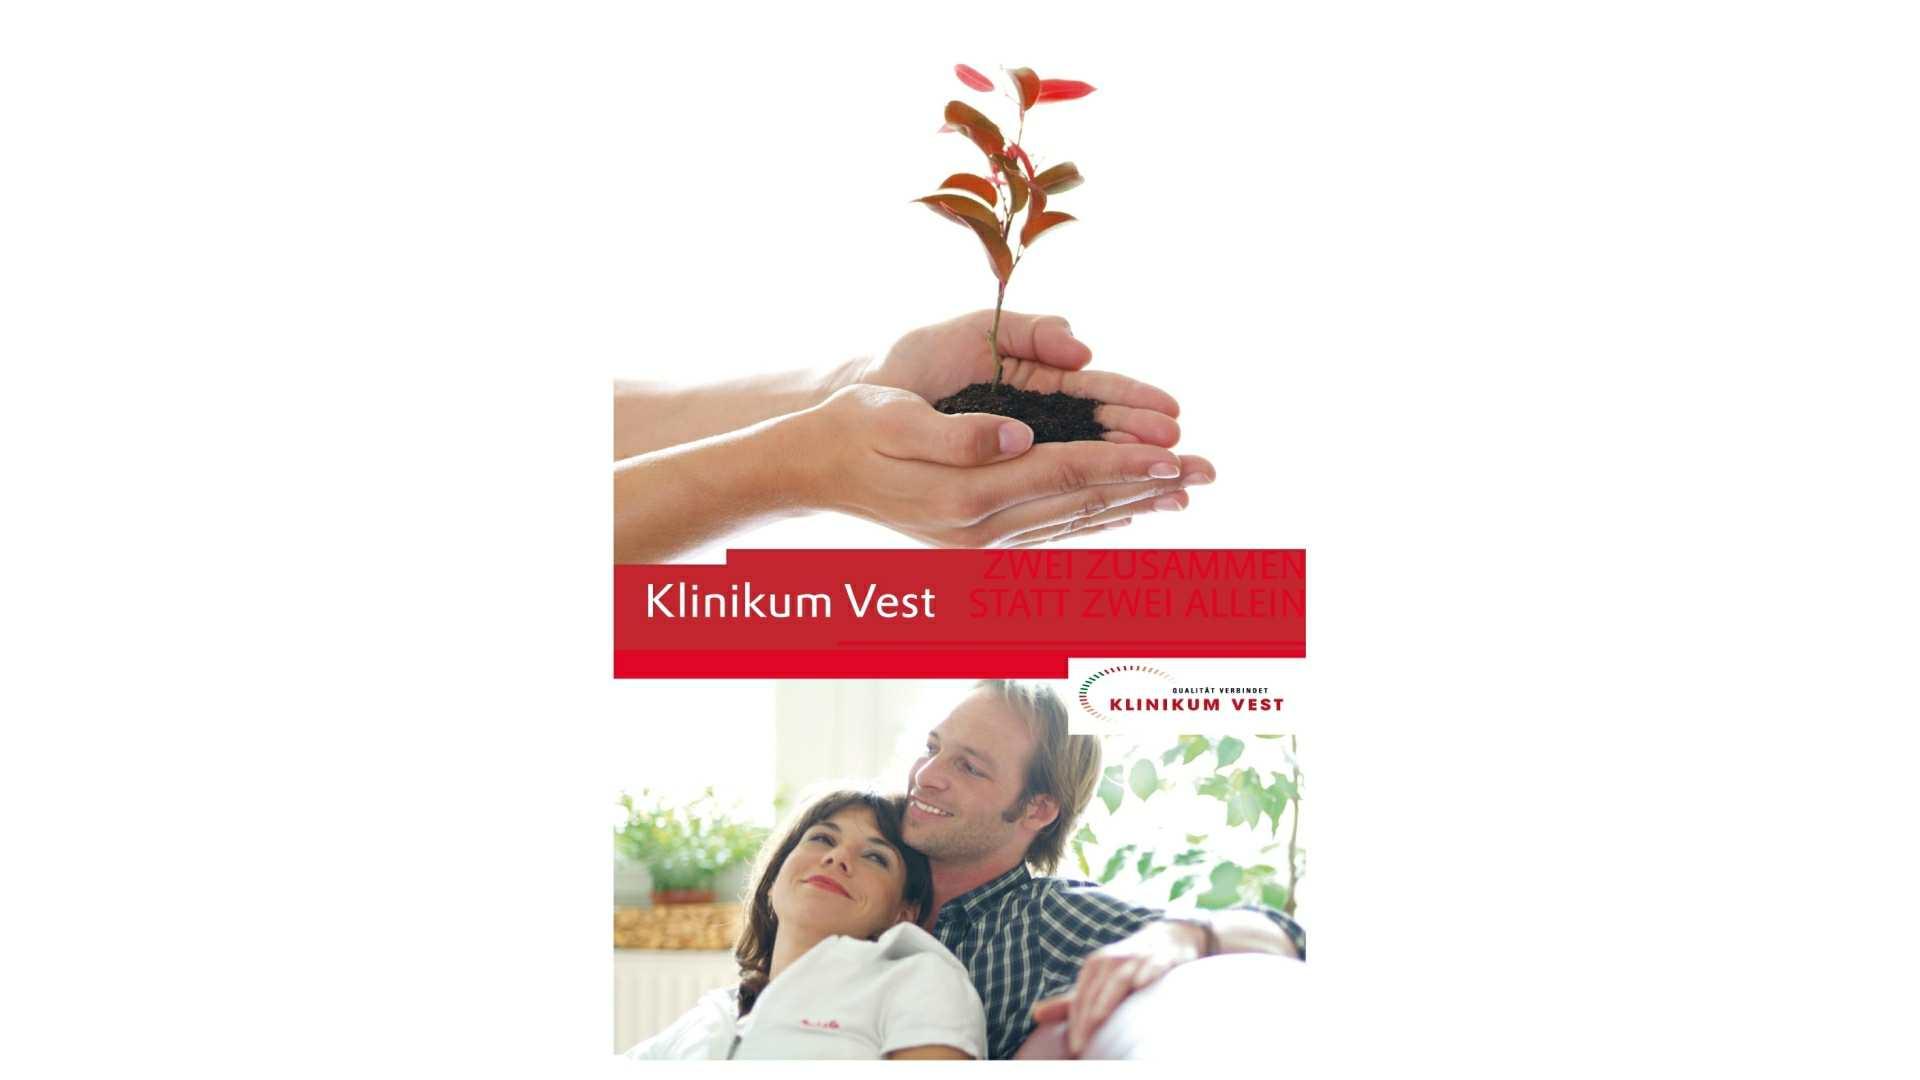 Broschüre Klinikum Vest - Werbemittel